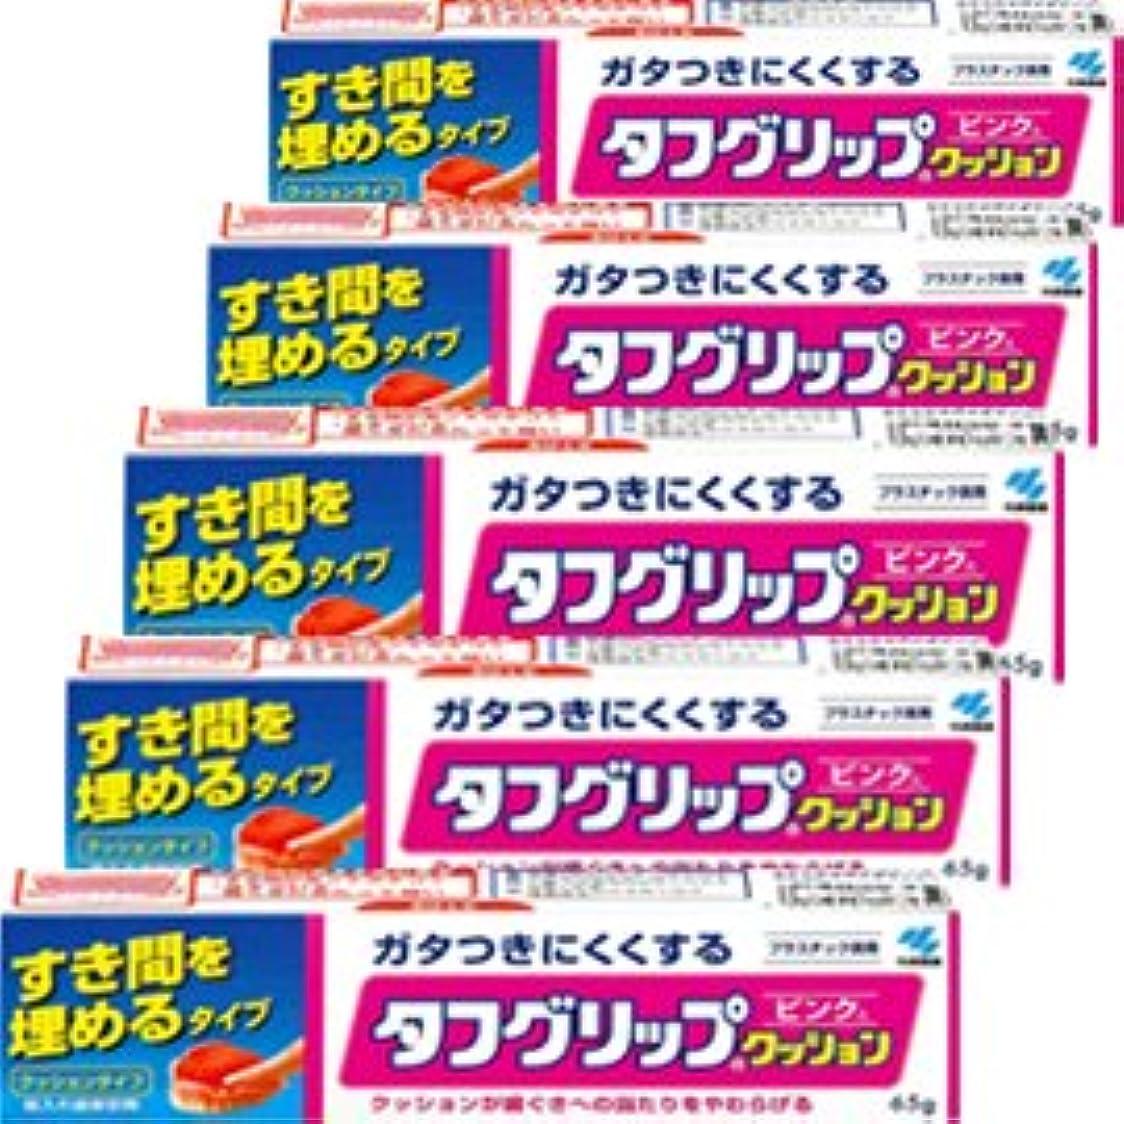 崩壊タイト【5本】すき間を埋める タフグリップピンクA 65gx5本 (4987072500477)